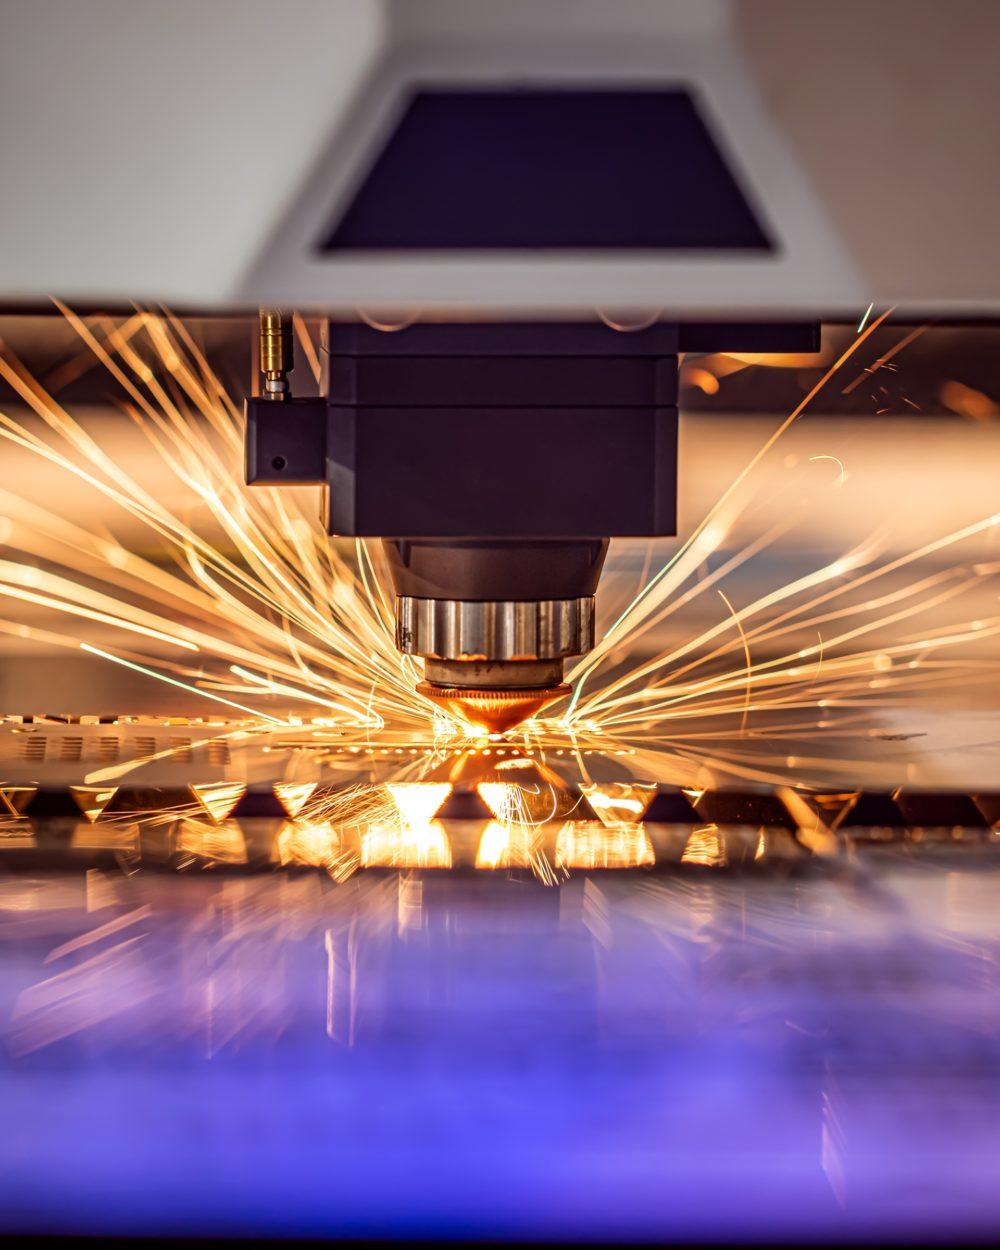 CNC Laser modern industrial technology software hong kong